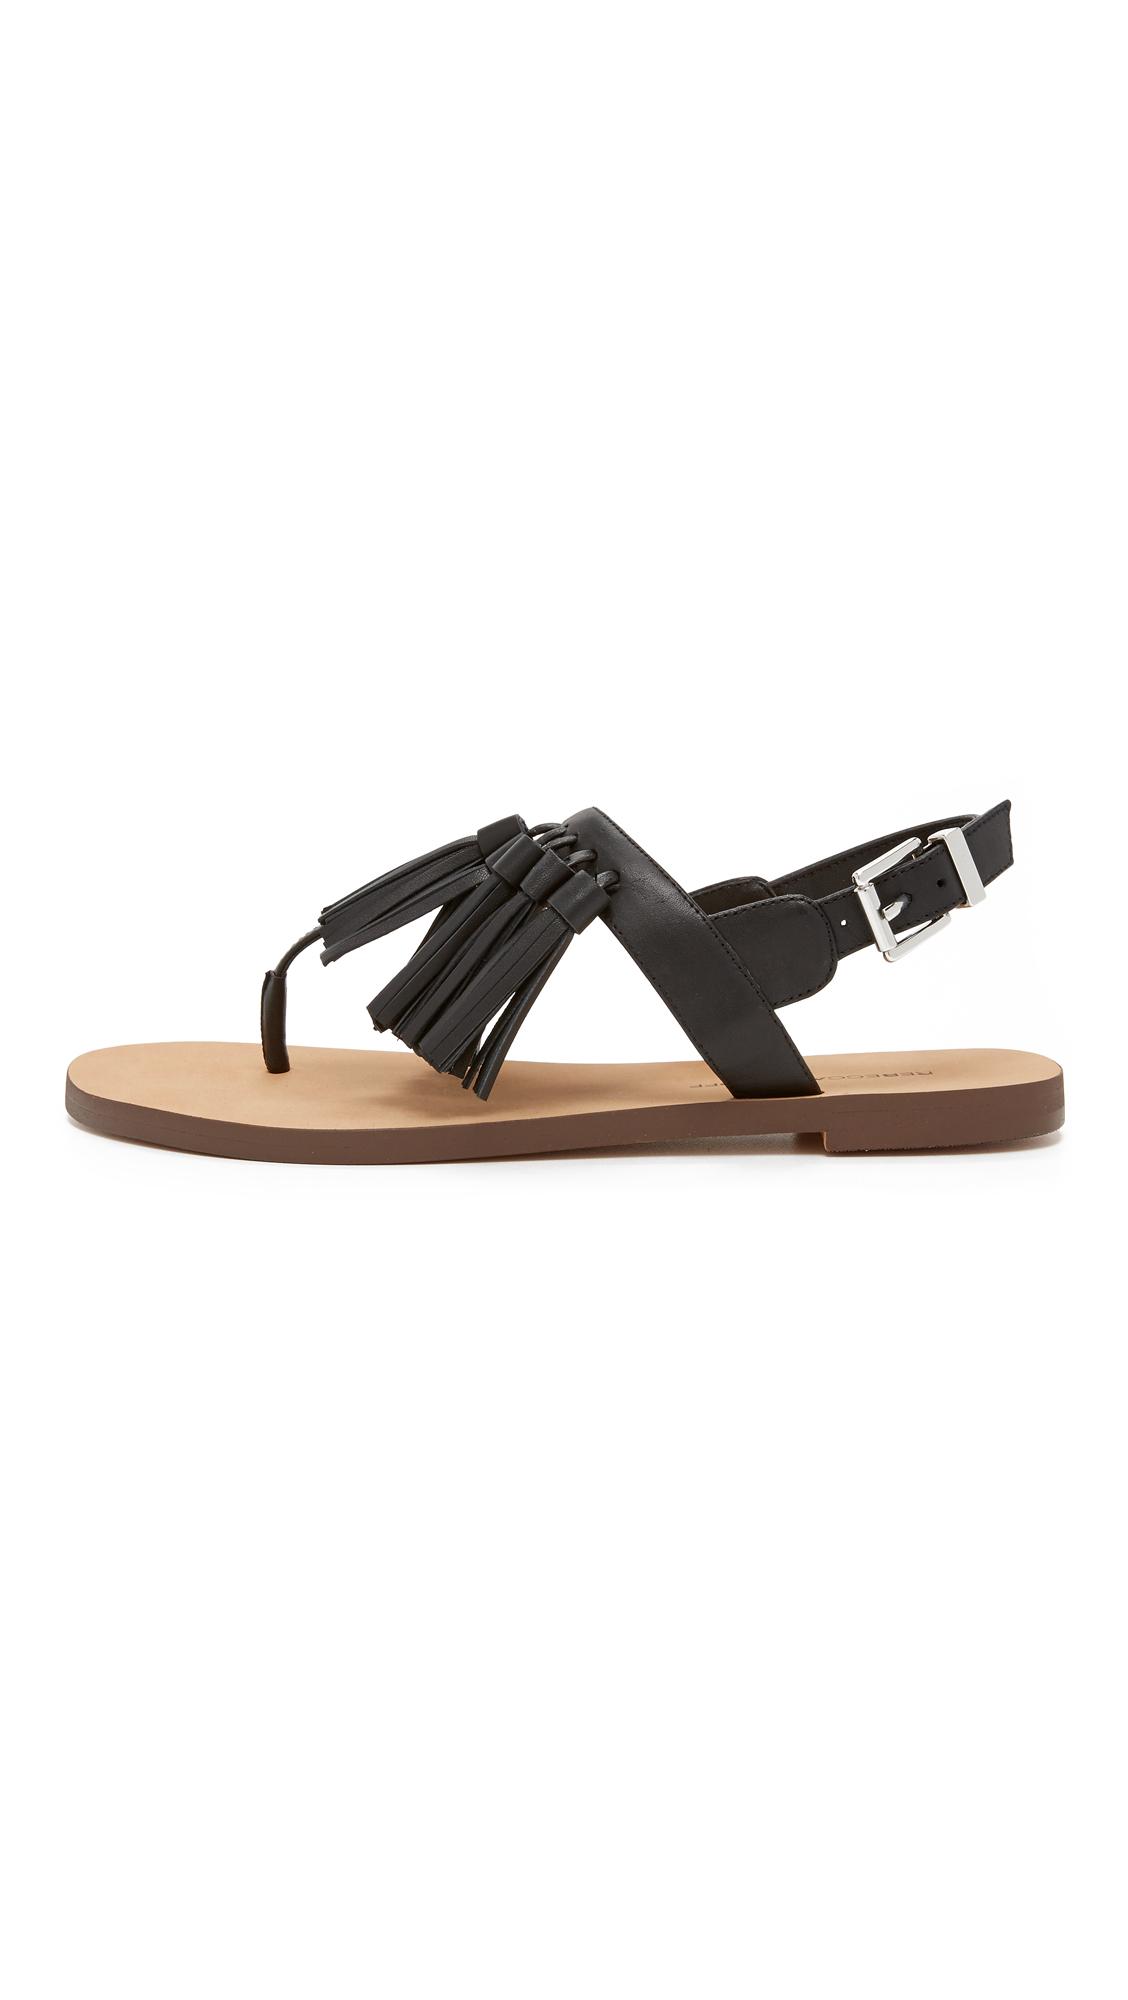 minkoff erin fringe sandals in black lyst